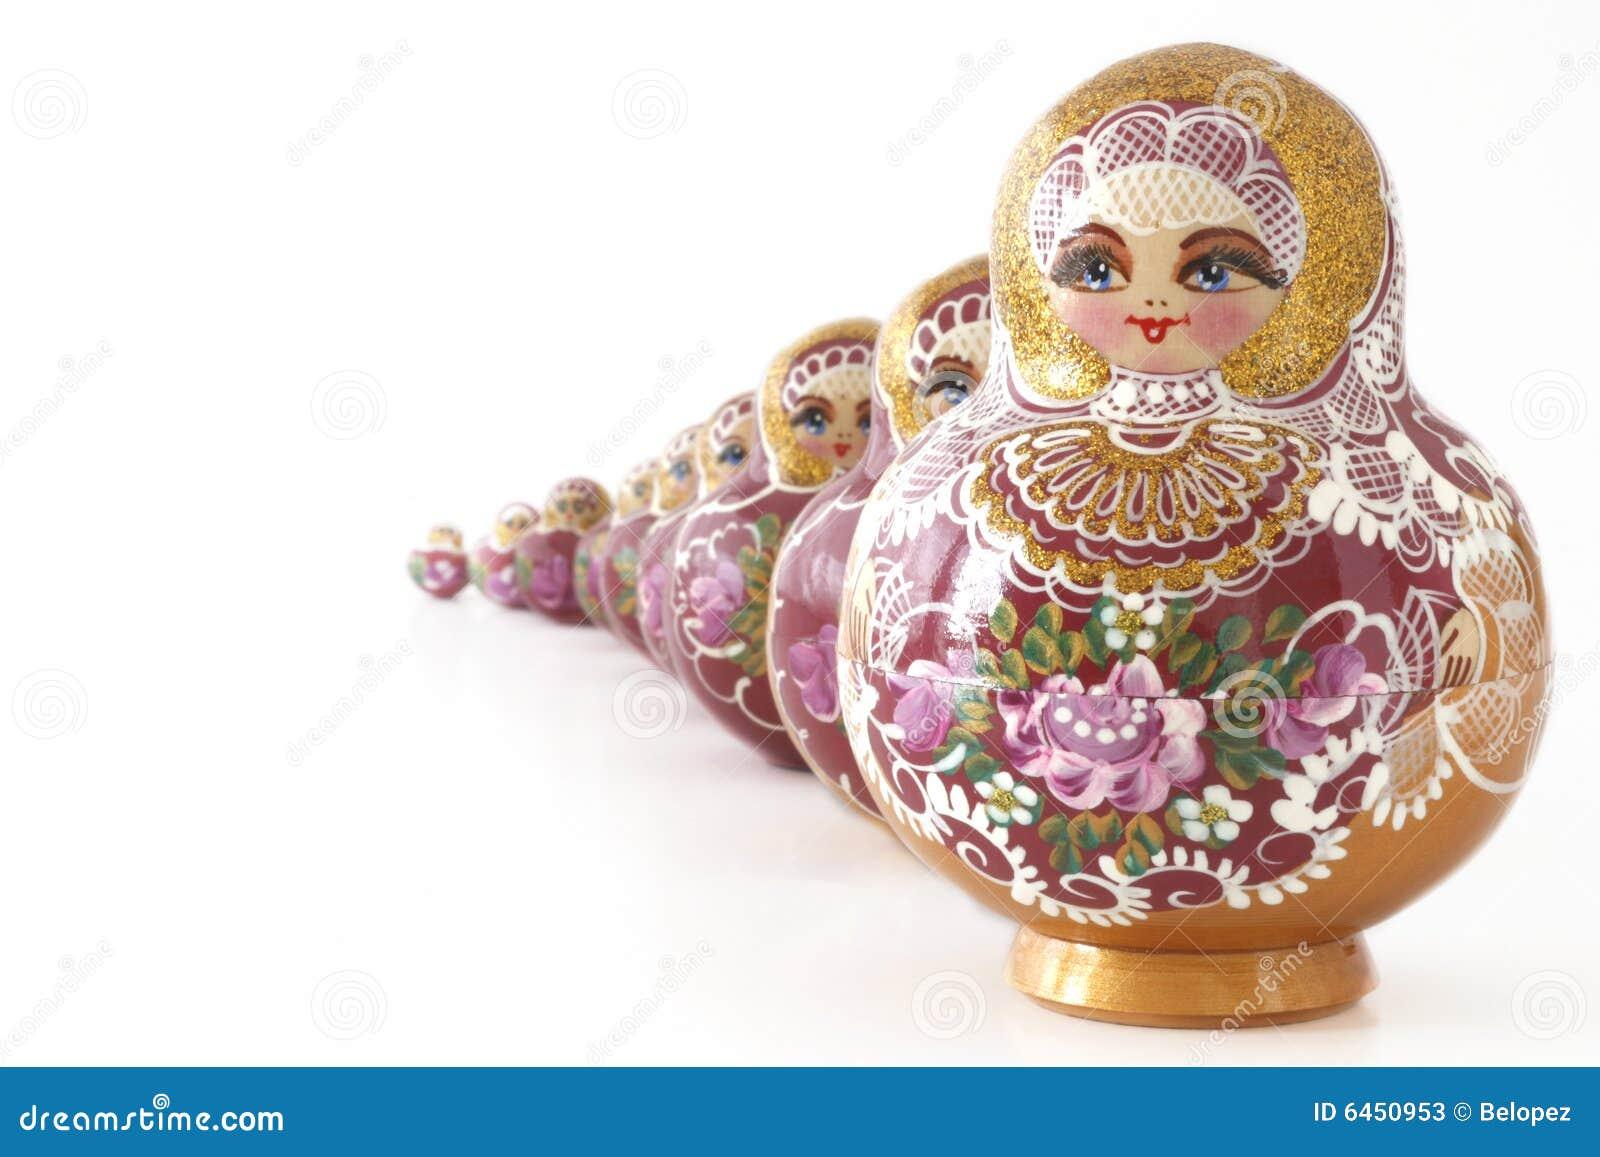 Russische Doll in een rij